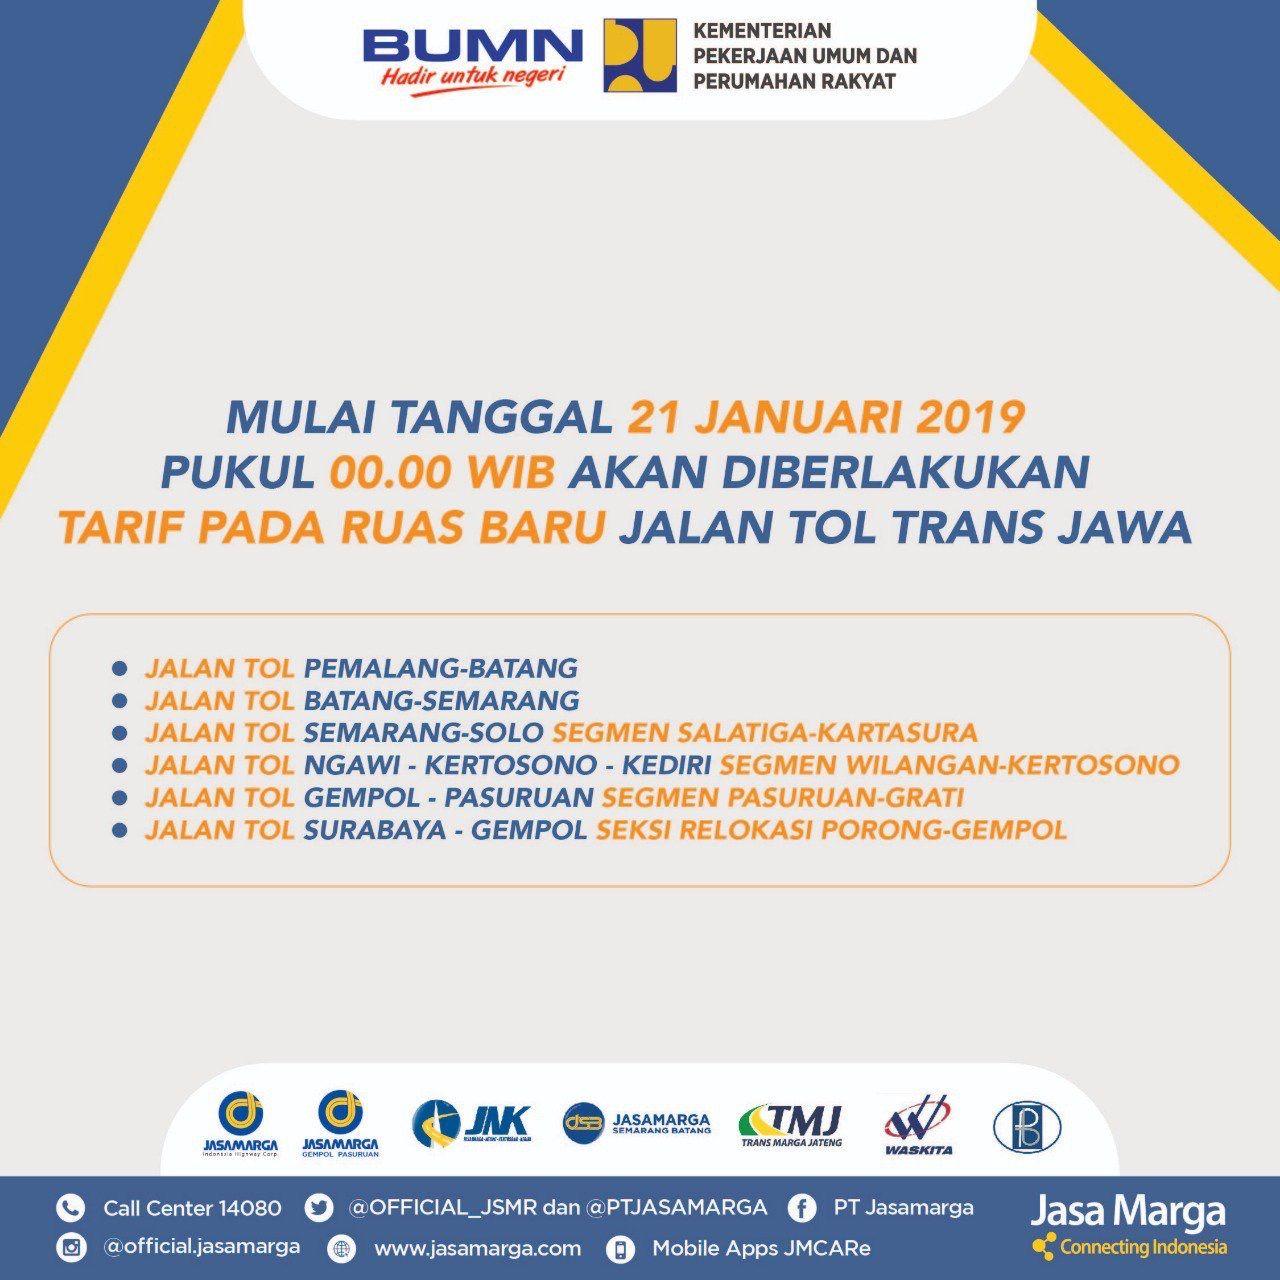 Tarif Tol Trans Jawa Berlaku 21 Januari 2019, Jakarta-Semarang Rp 334.500